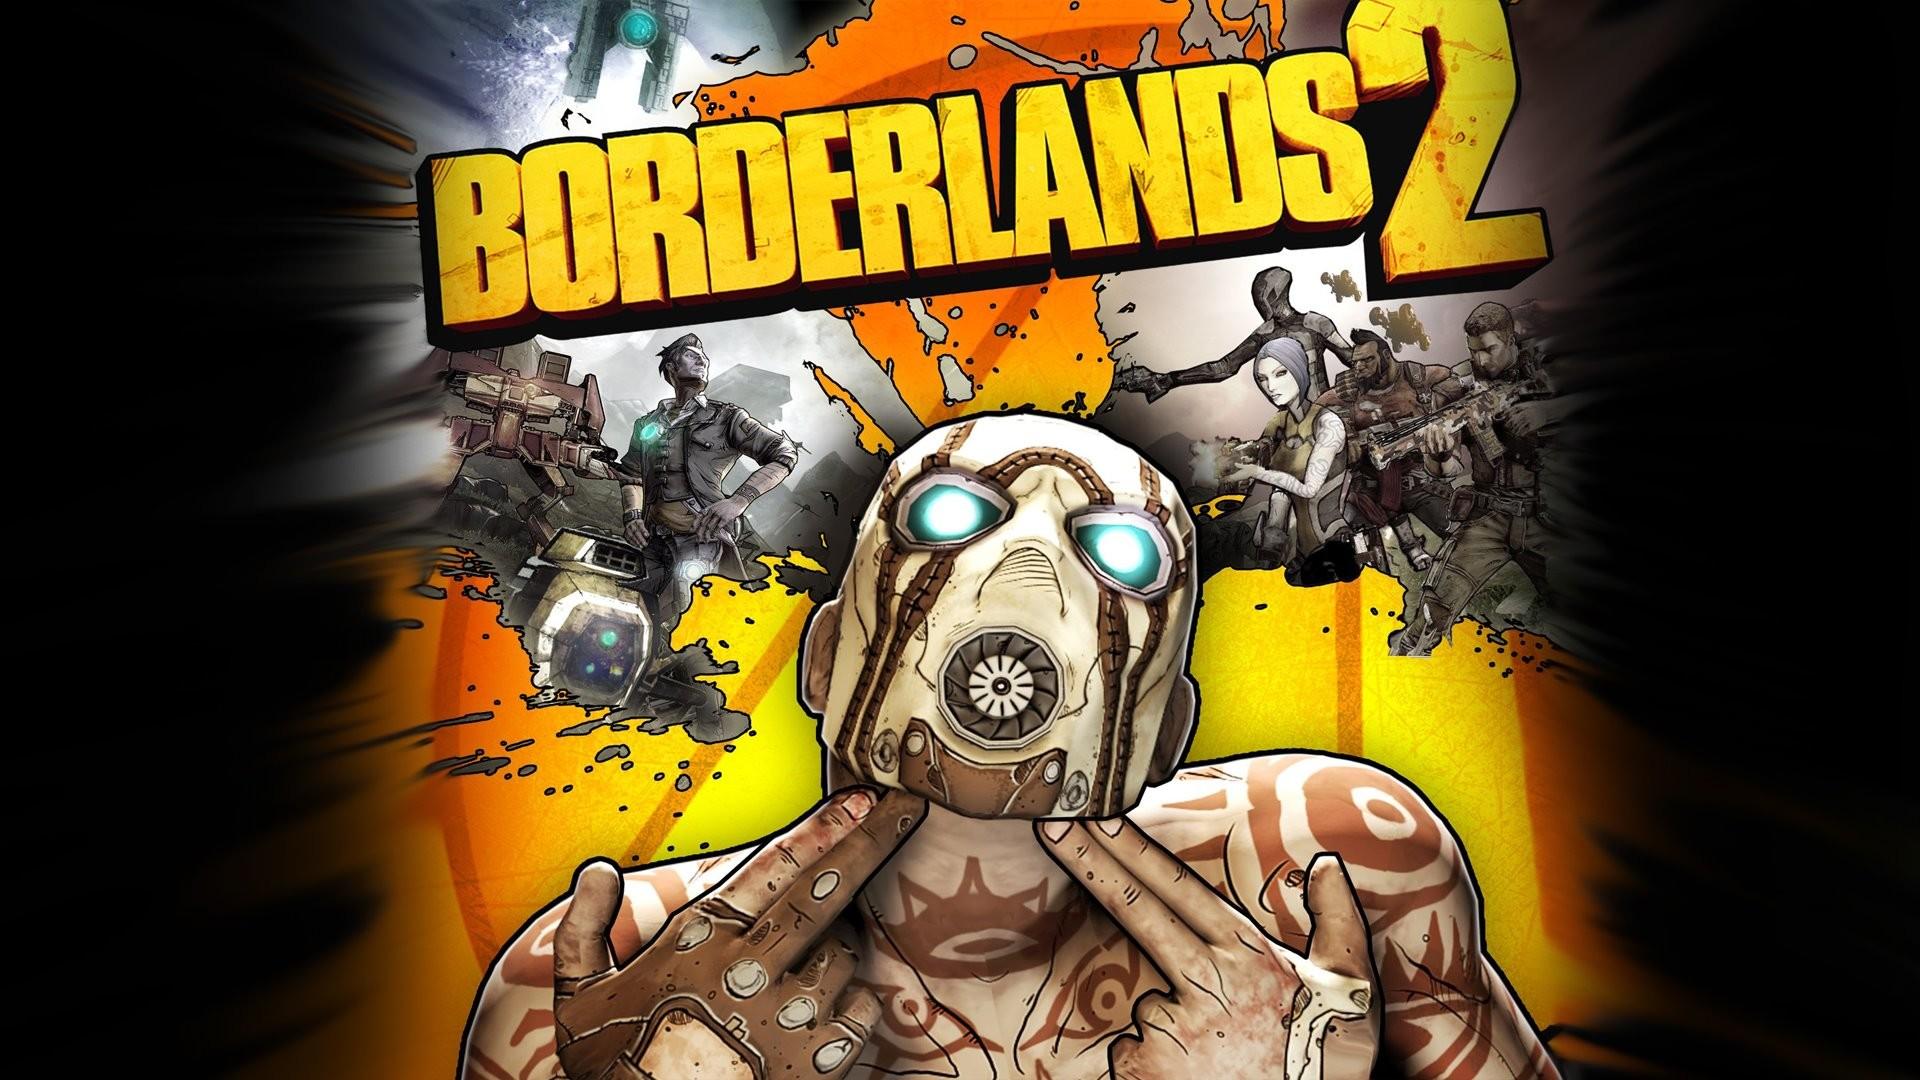 Borderlands 2 Zero Wallpaper (75+ Images